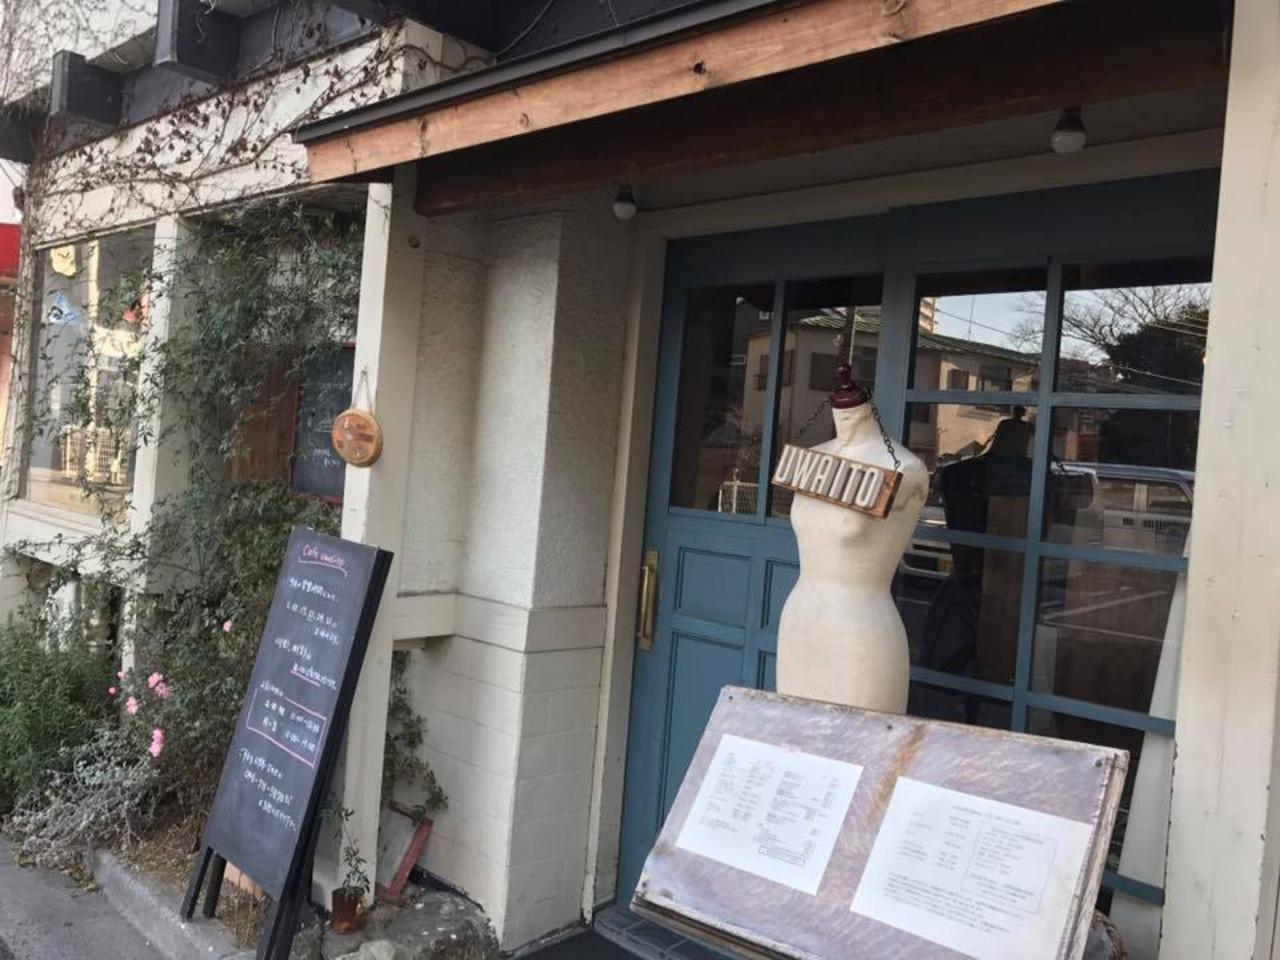 心を込めてドリンクをお作りいたします...さいたま市浦和区岸町4丁目の『カフェ ウワイト』